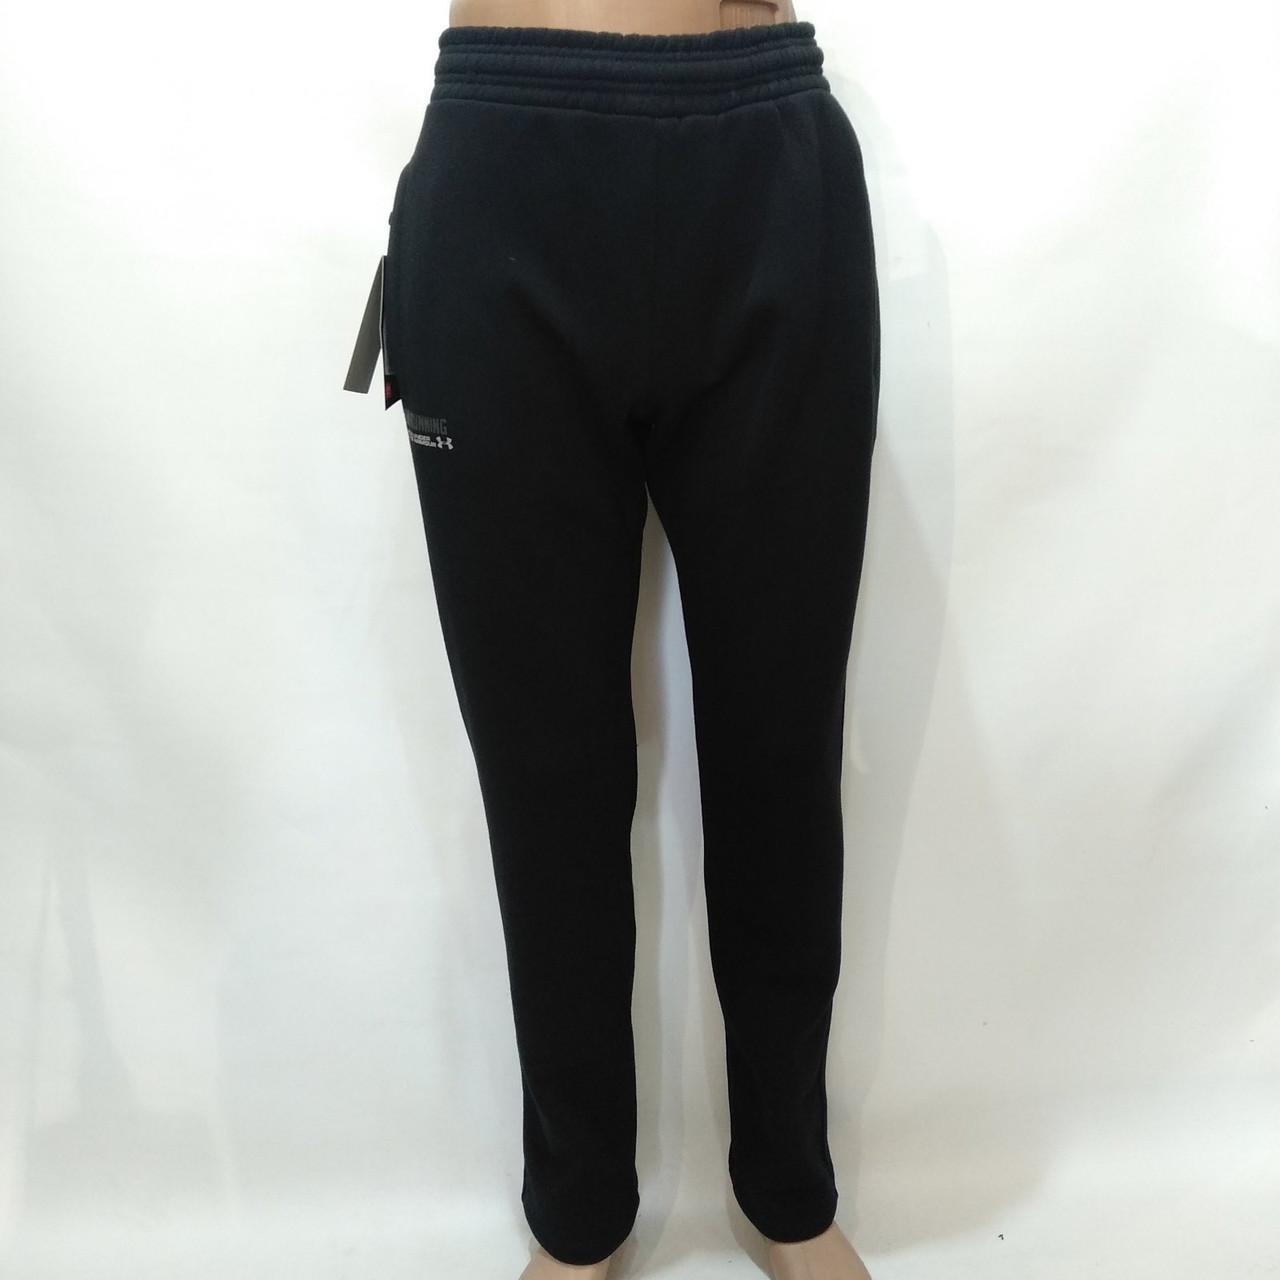 Спортивные штаны теплые Under Armour прямые, зауженные / флис